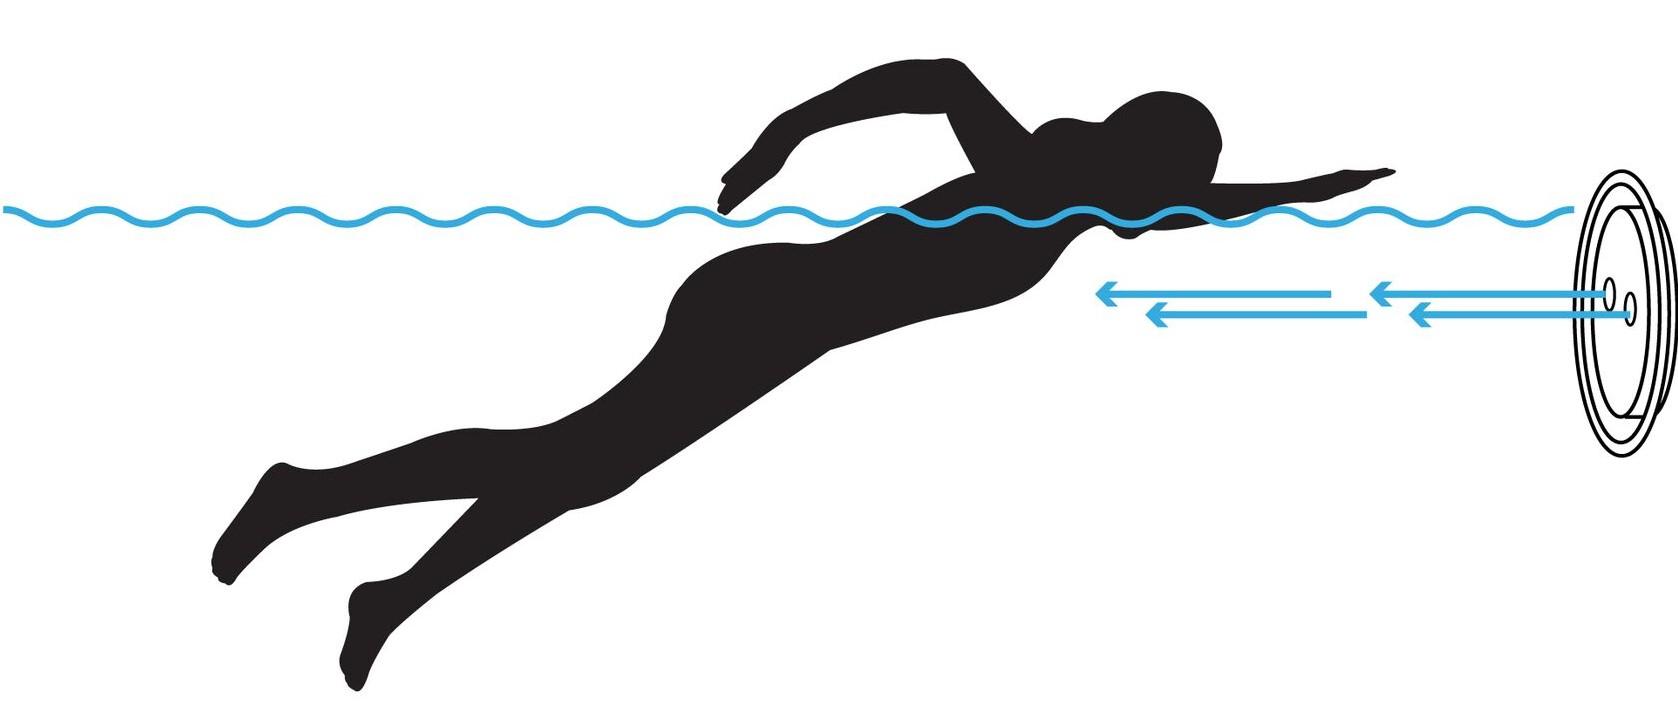 Gegenschwimmanlage